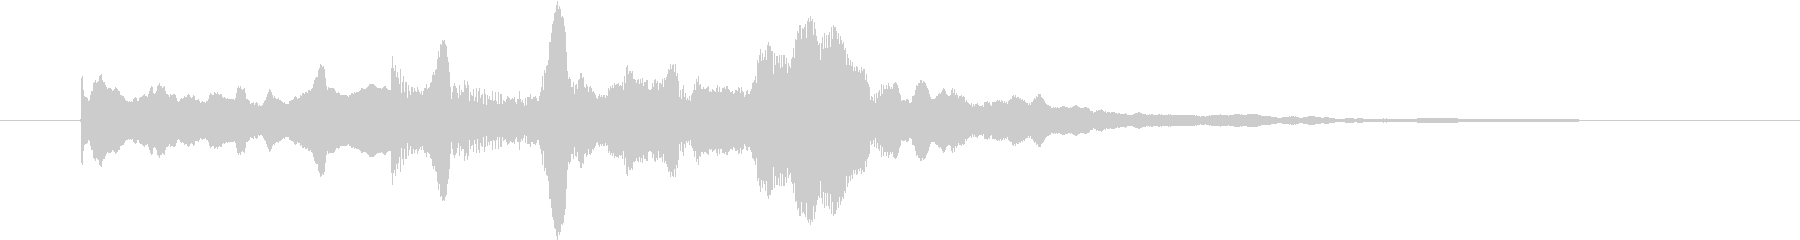 幻想的なジングル 場面転換の未再生の波形